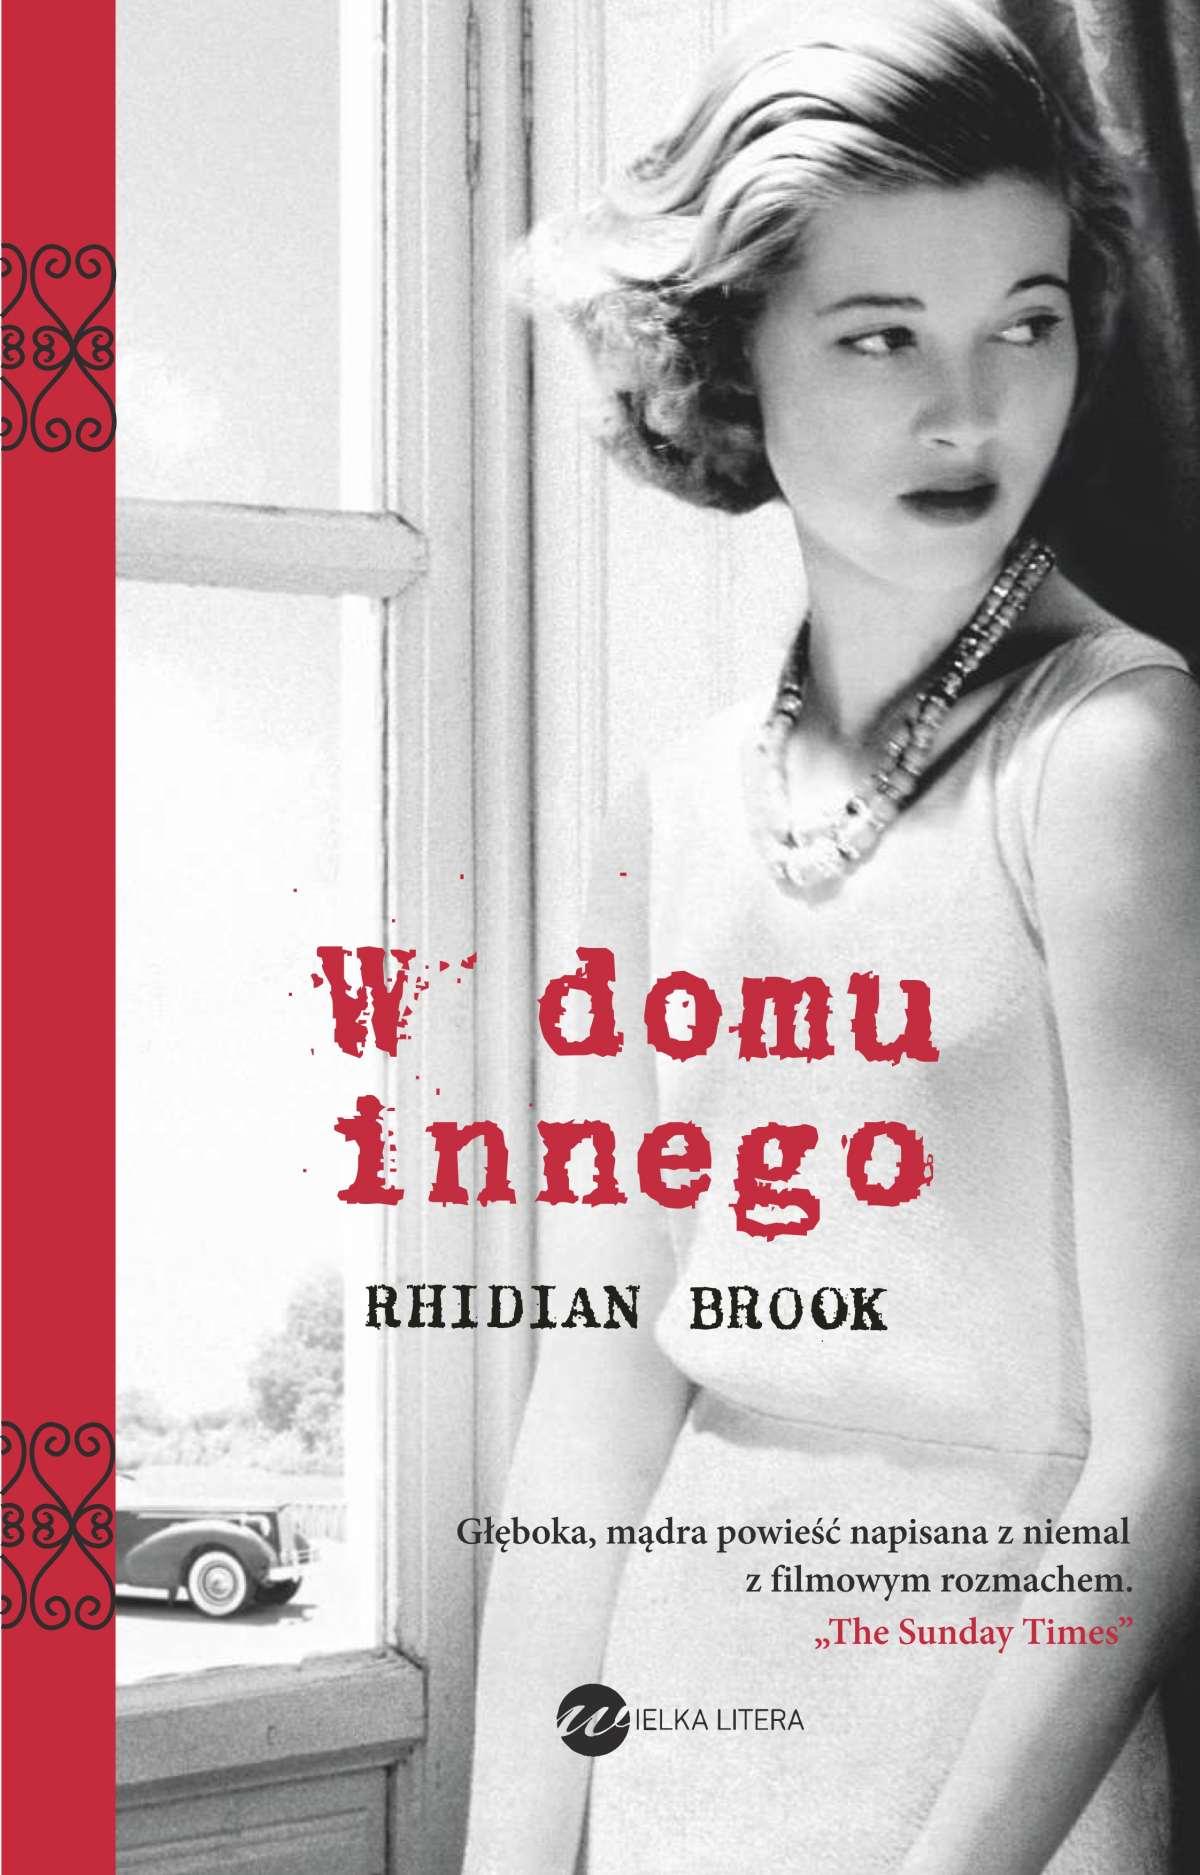 W domu innego - Ebook (Książka na Kindle) do pobrania w formacie MOBI